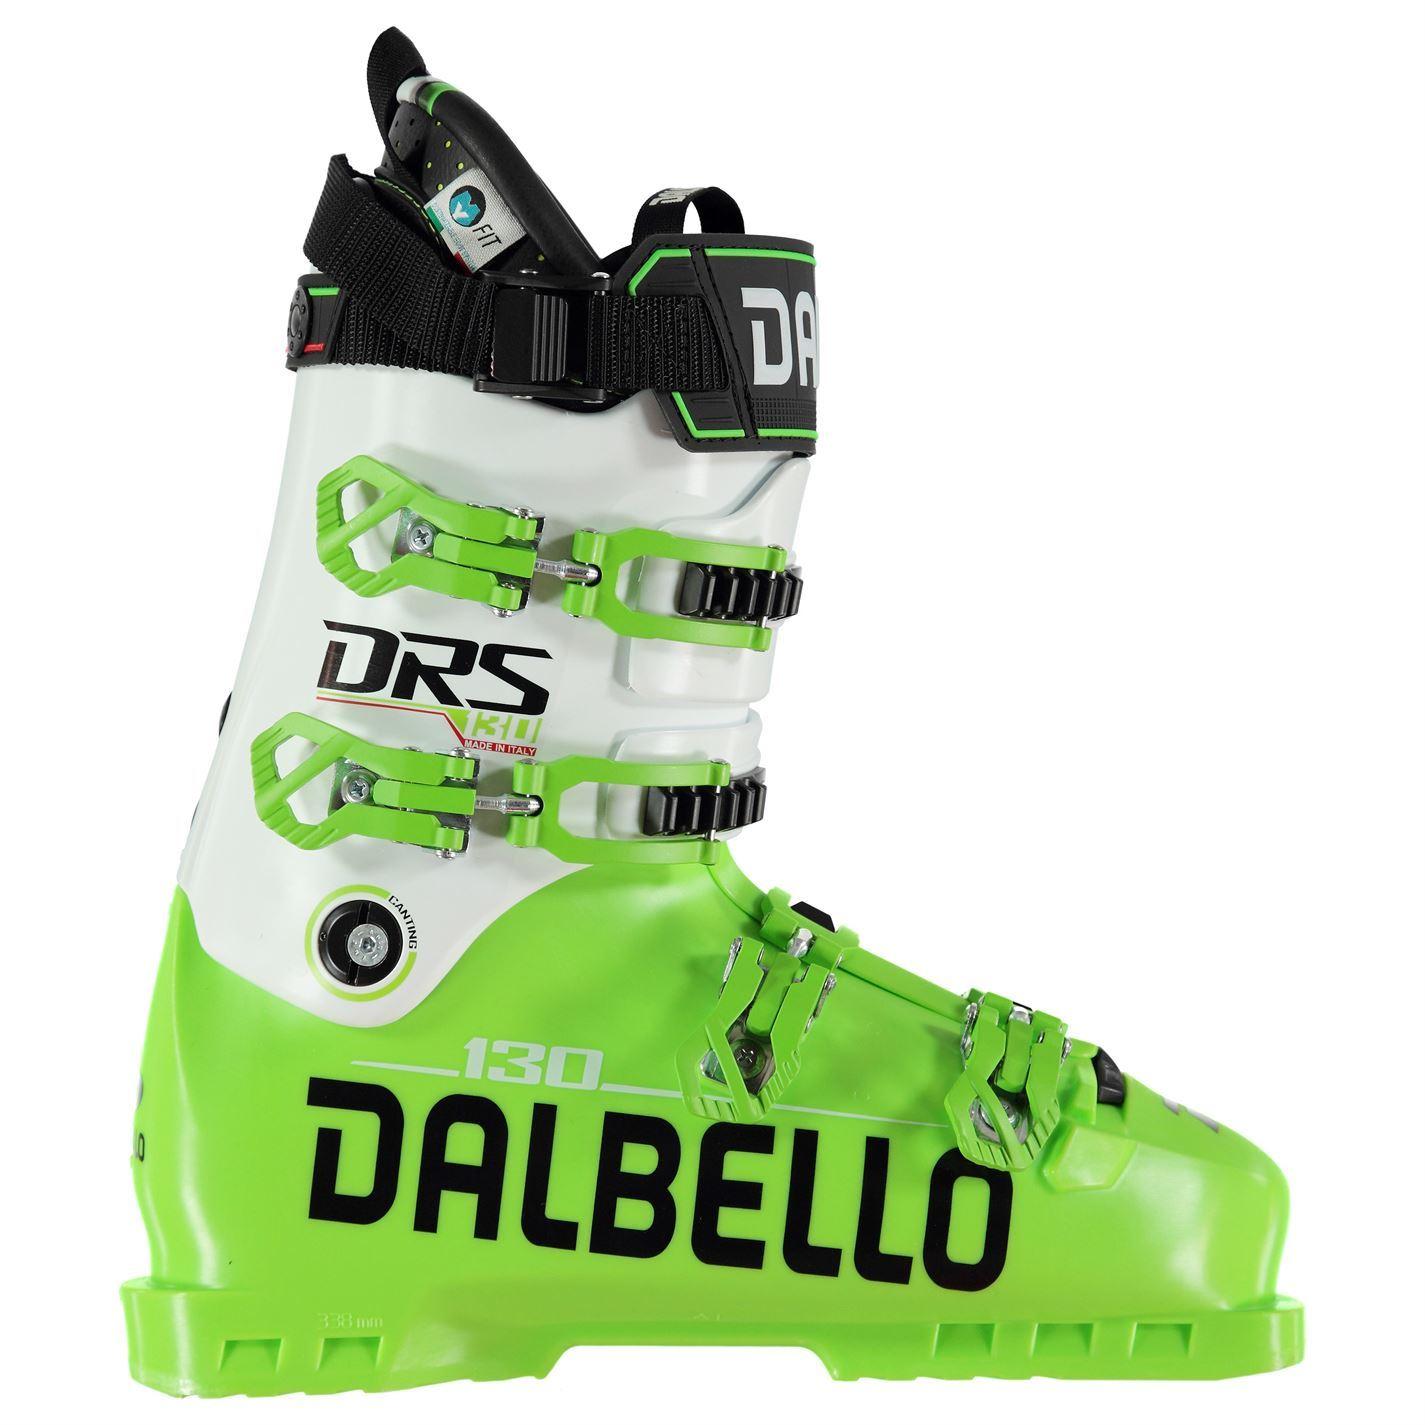 Dalbello DRS Caballeros 130 Botas de esquí para hombre Caballeros DRS Correa Hebilla 597c7d